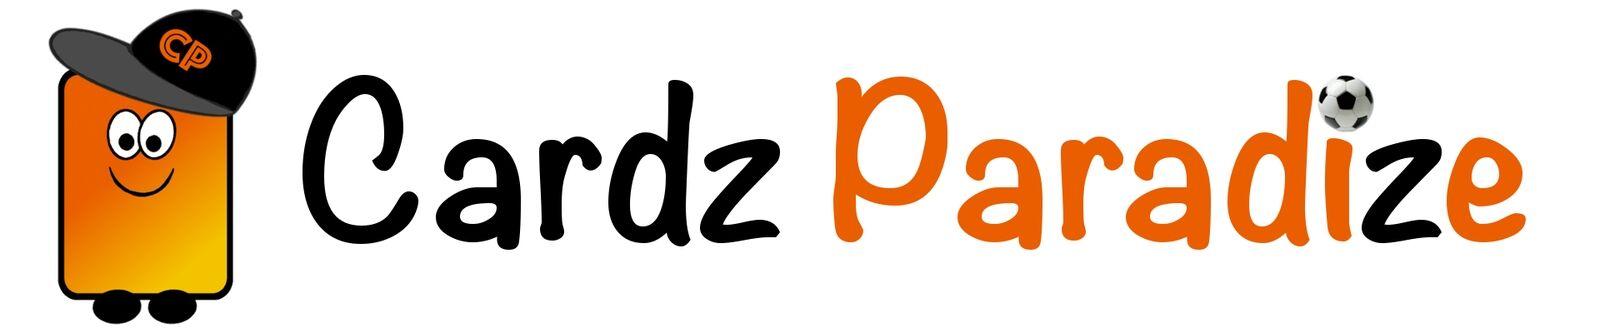 Cardz Paradize